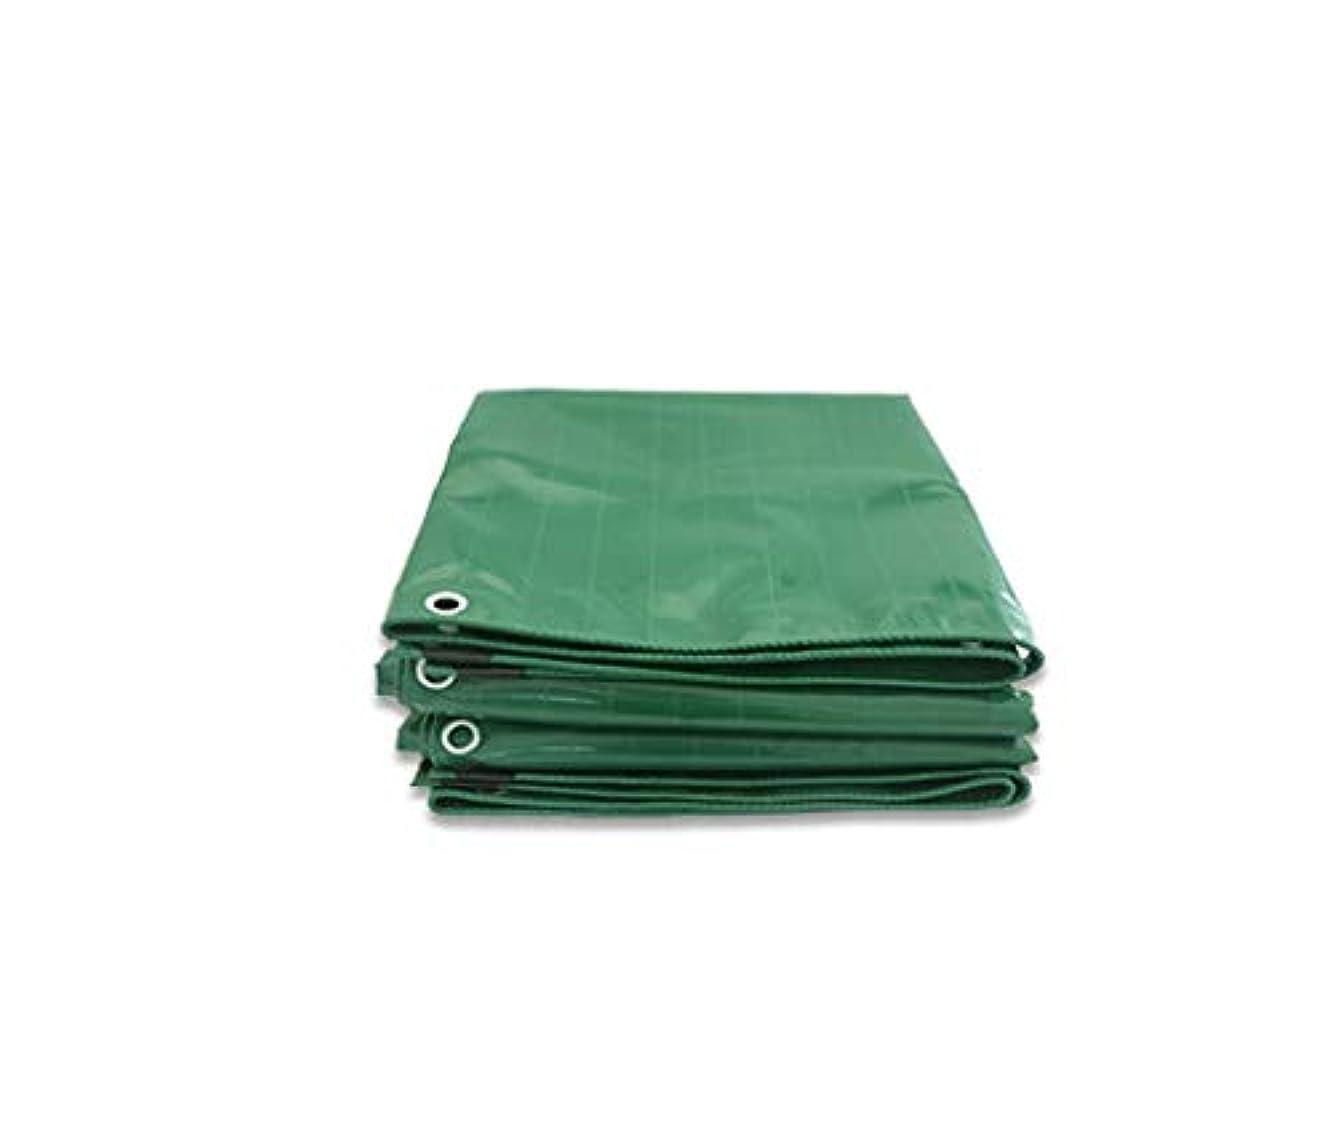 純粋な事件、出来事スタウトTarpaulin 屋外家庭用ピクニックキャンプ/オプションの6色のための防水ポンチョ厚い編み上げターポリン Garden tent (Color : Green, Size : 3*3m)